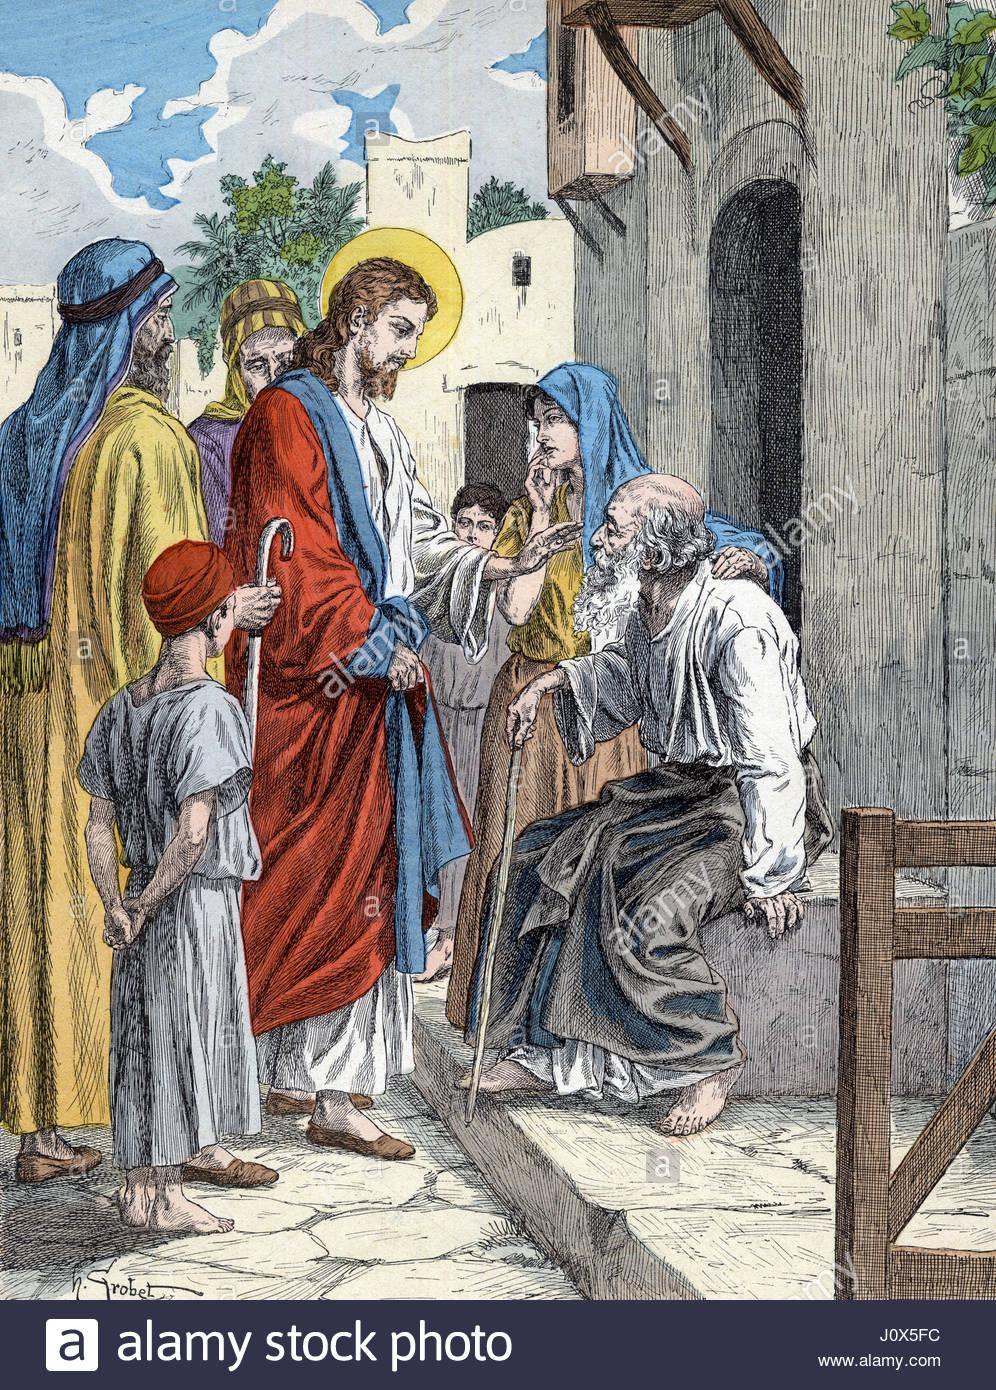 Ungewöhnlich Malvorlagen Von Jesus Heilen Die Kranken Fotos ...